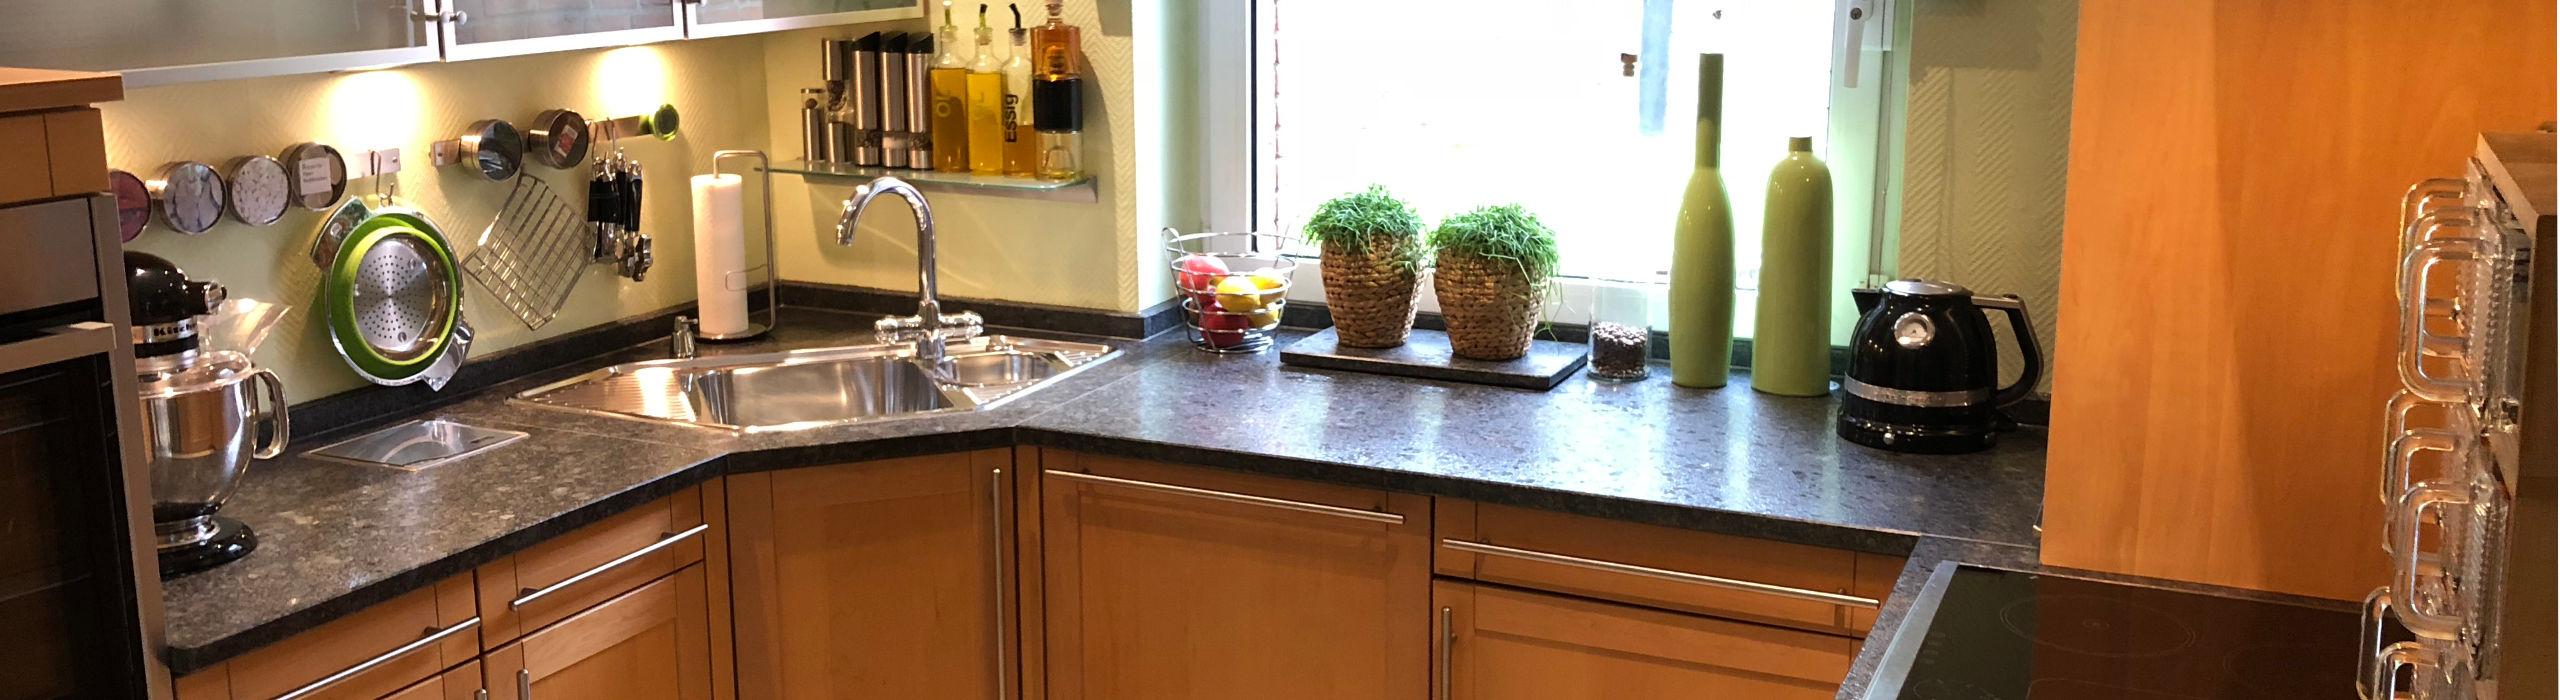 Küche mit Steel Grey-Küchenarbeitsplatte